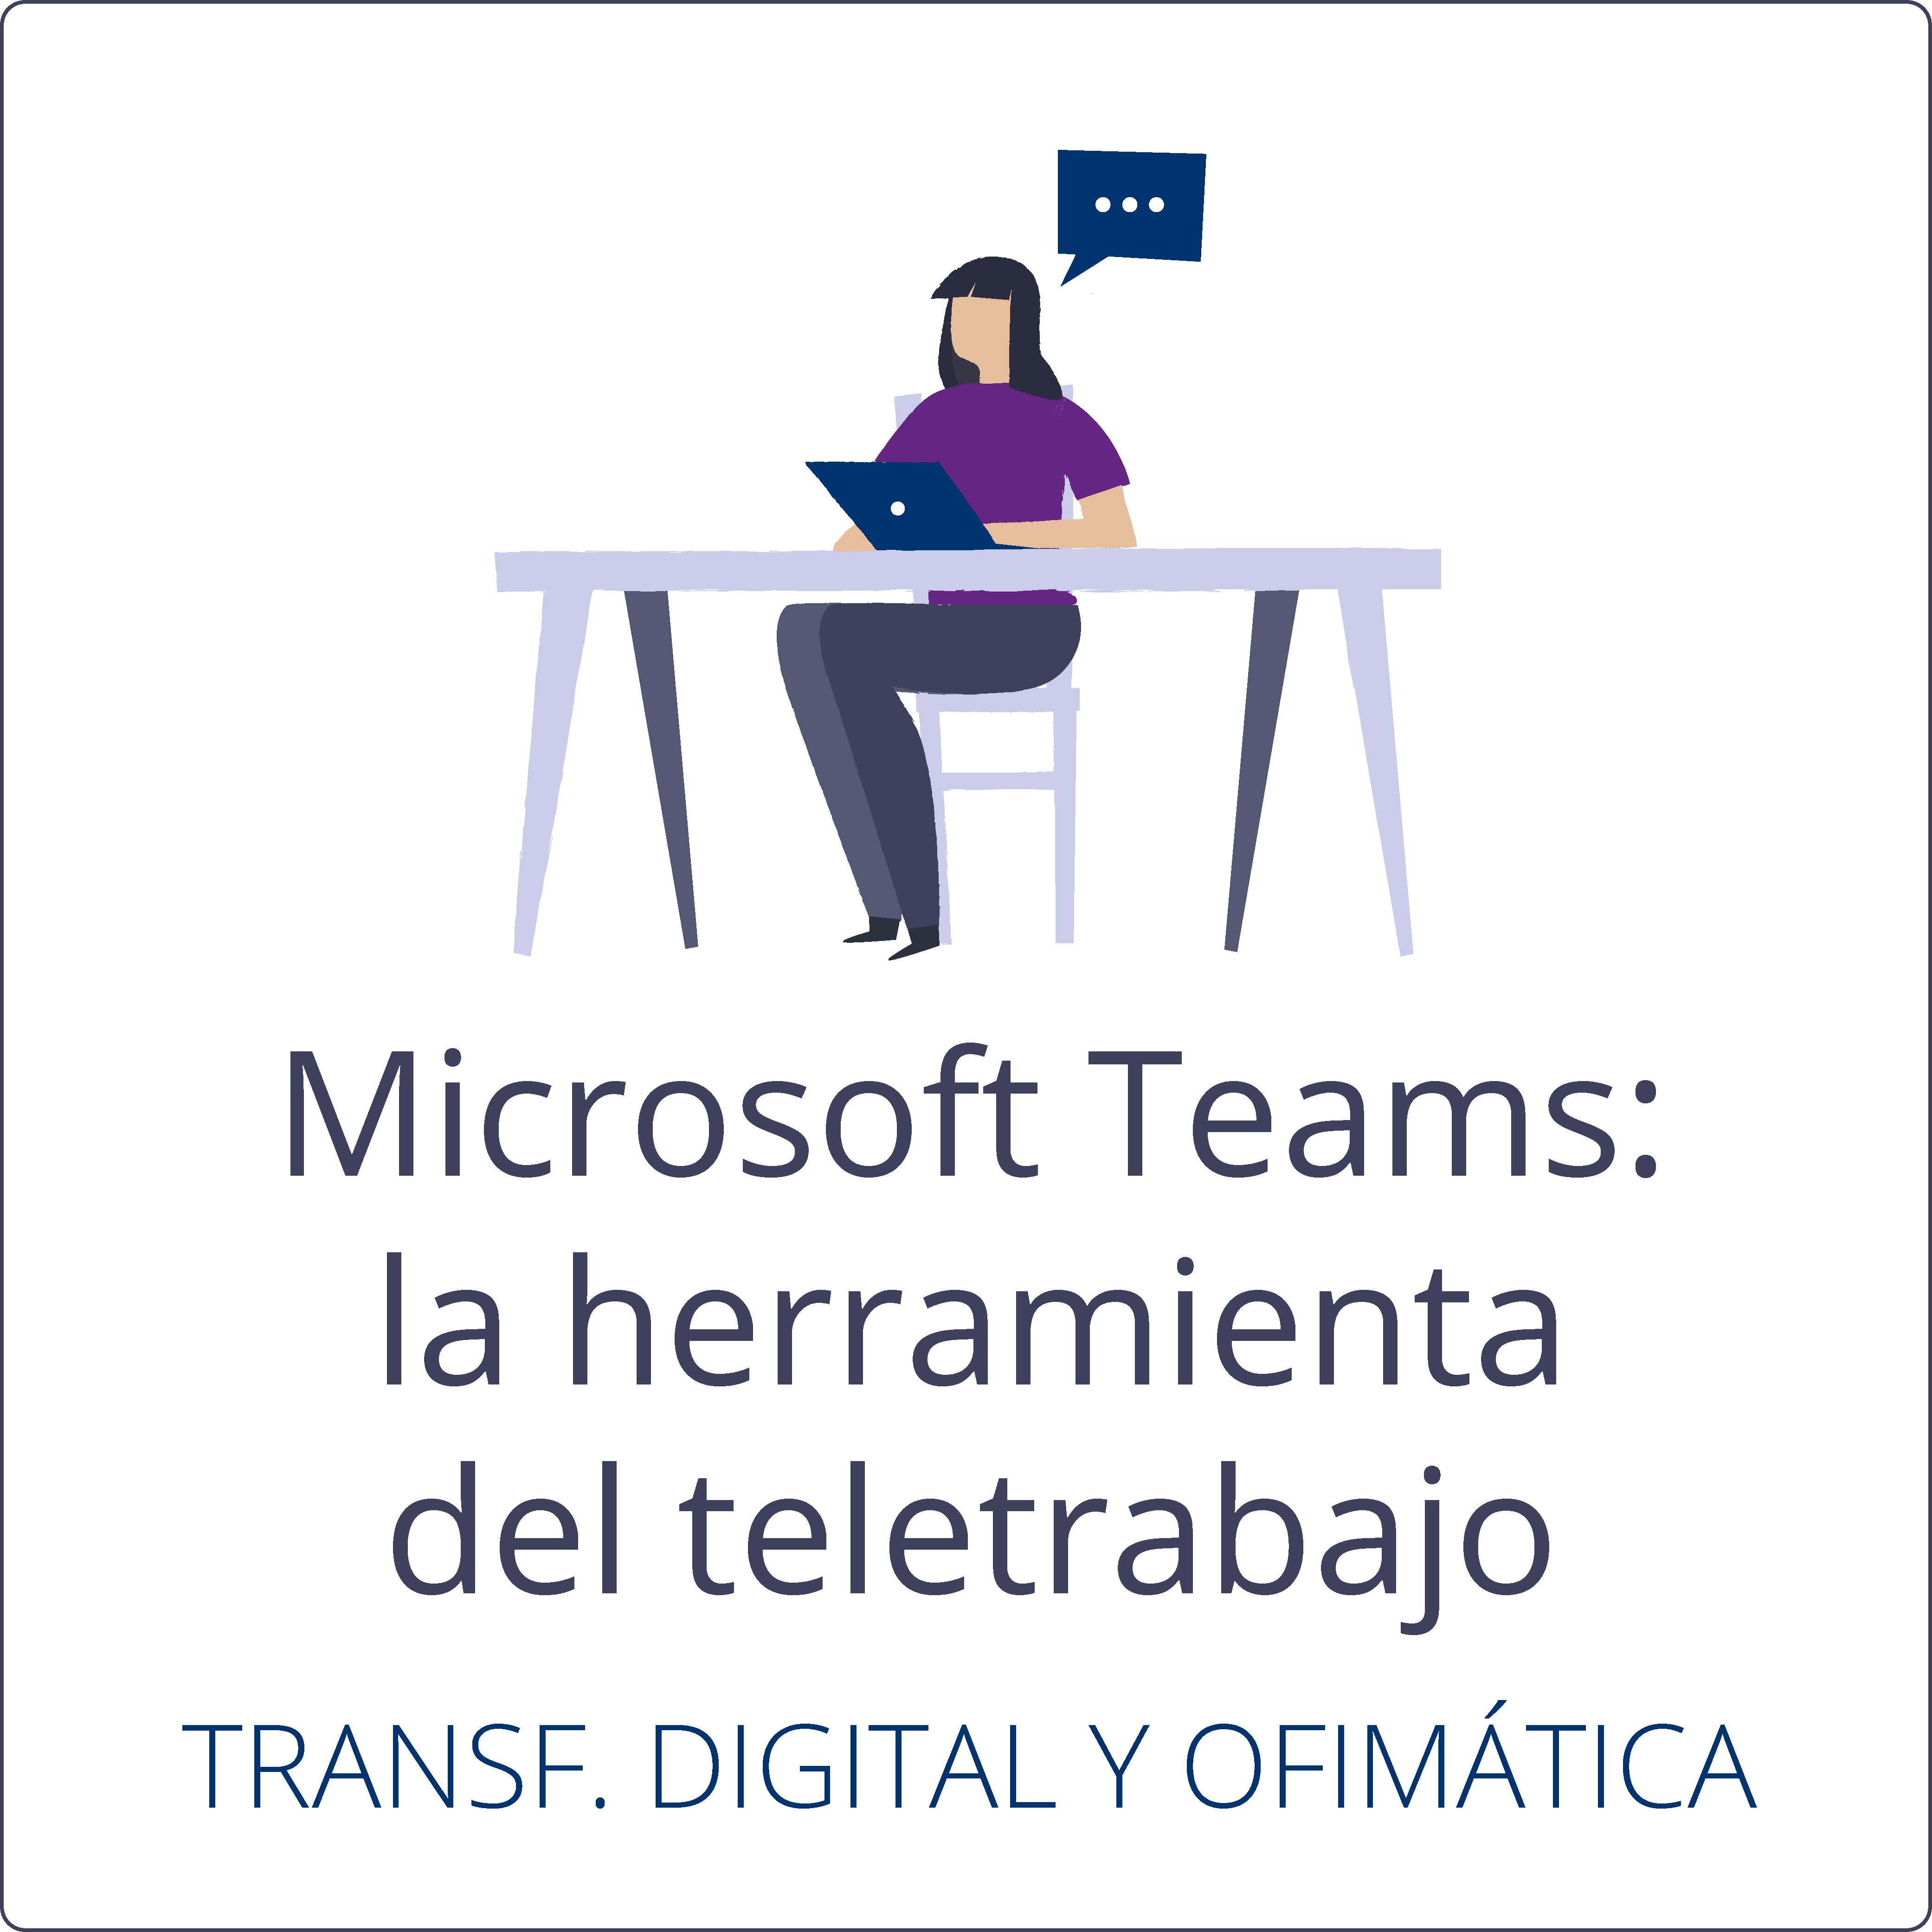 Microsoft Teams: la herramienta del teletrabajo